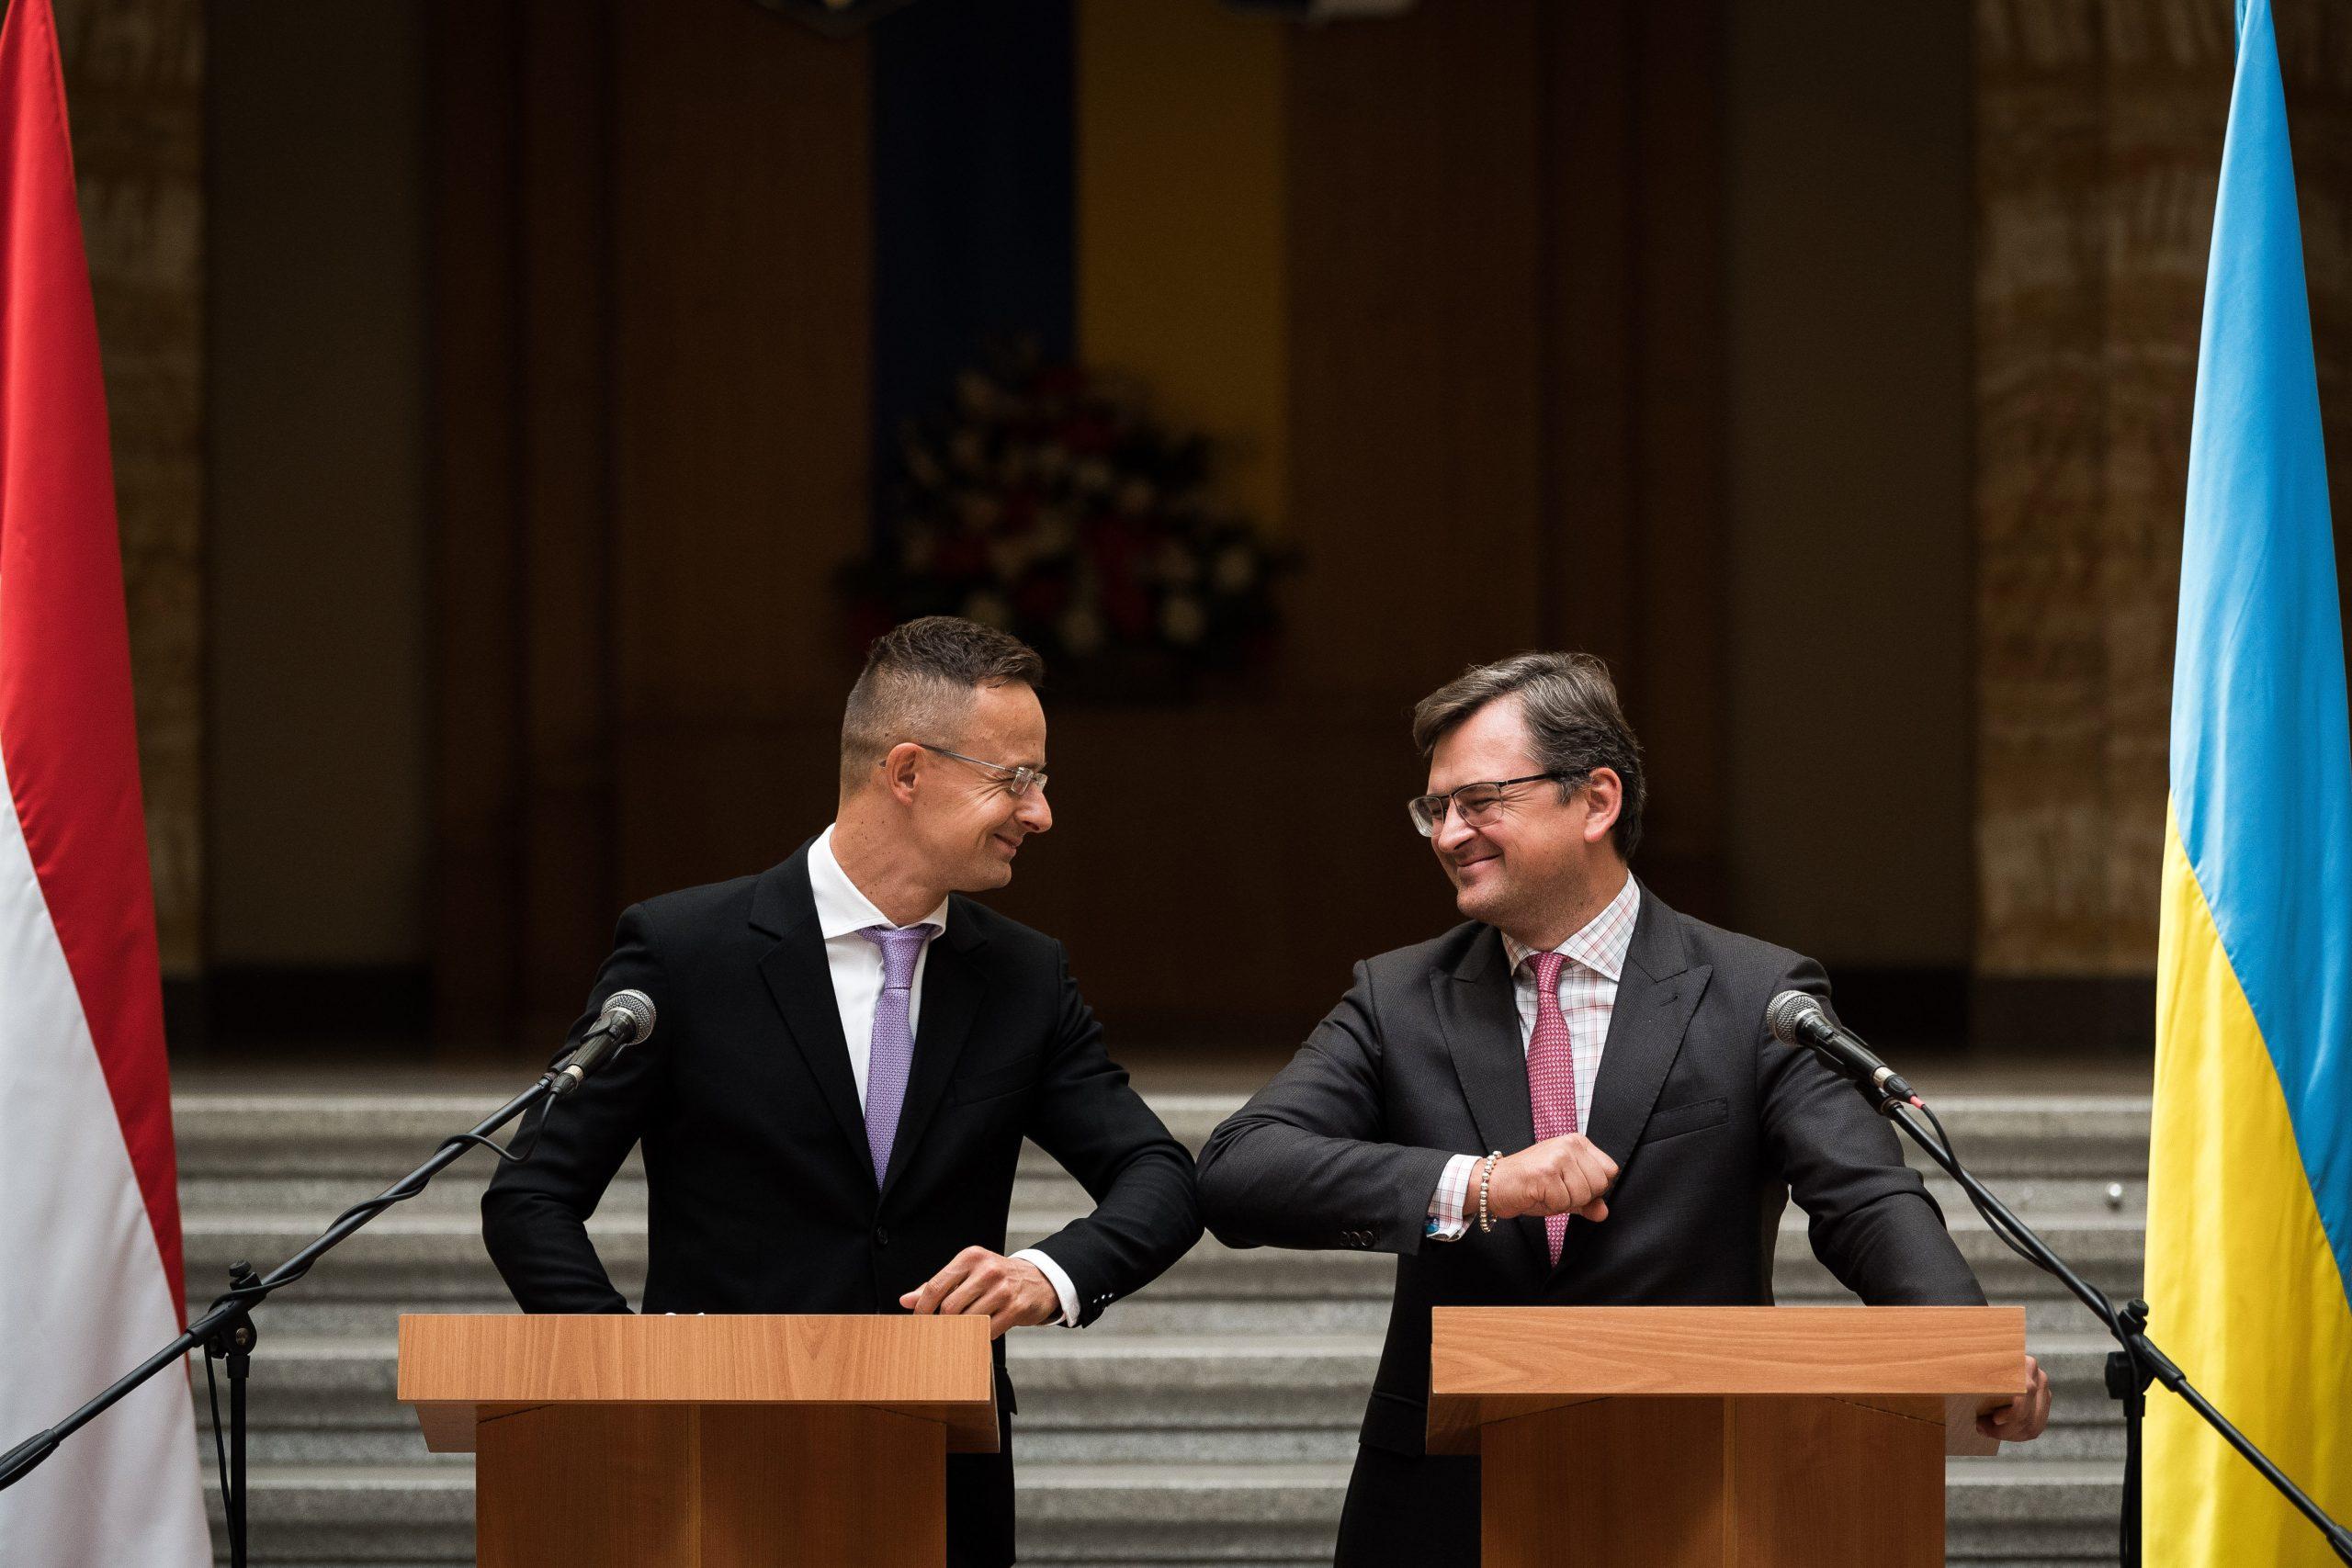 FM Szijjártó Discusses Improving Relations with Ukrainian Counterpart  post's picture